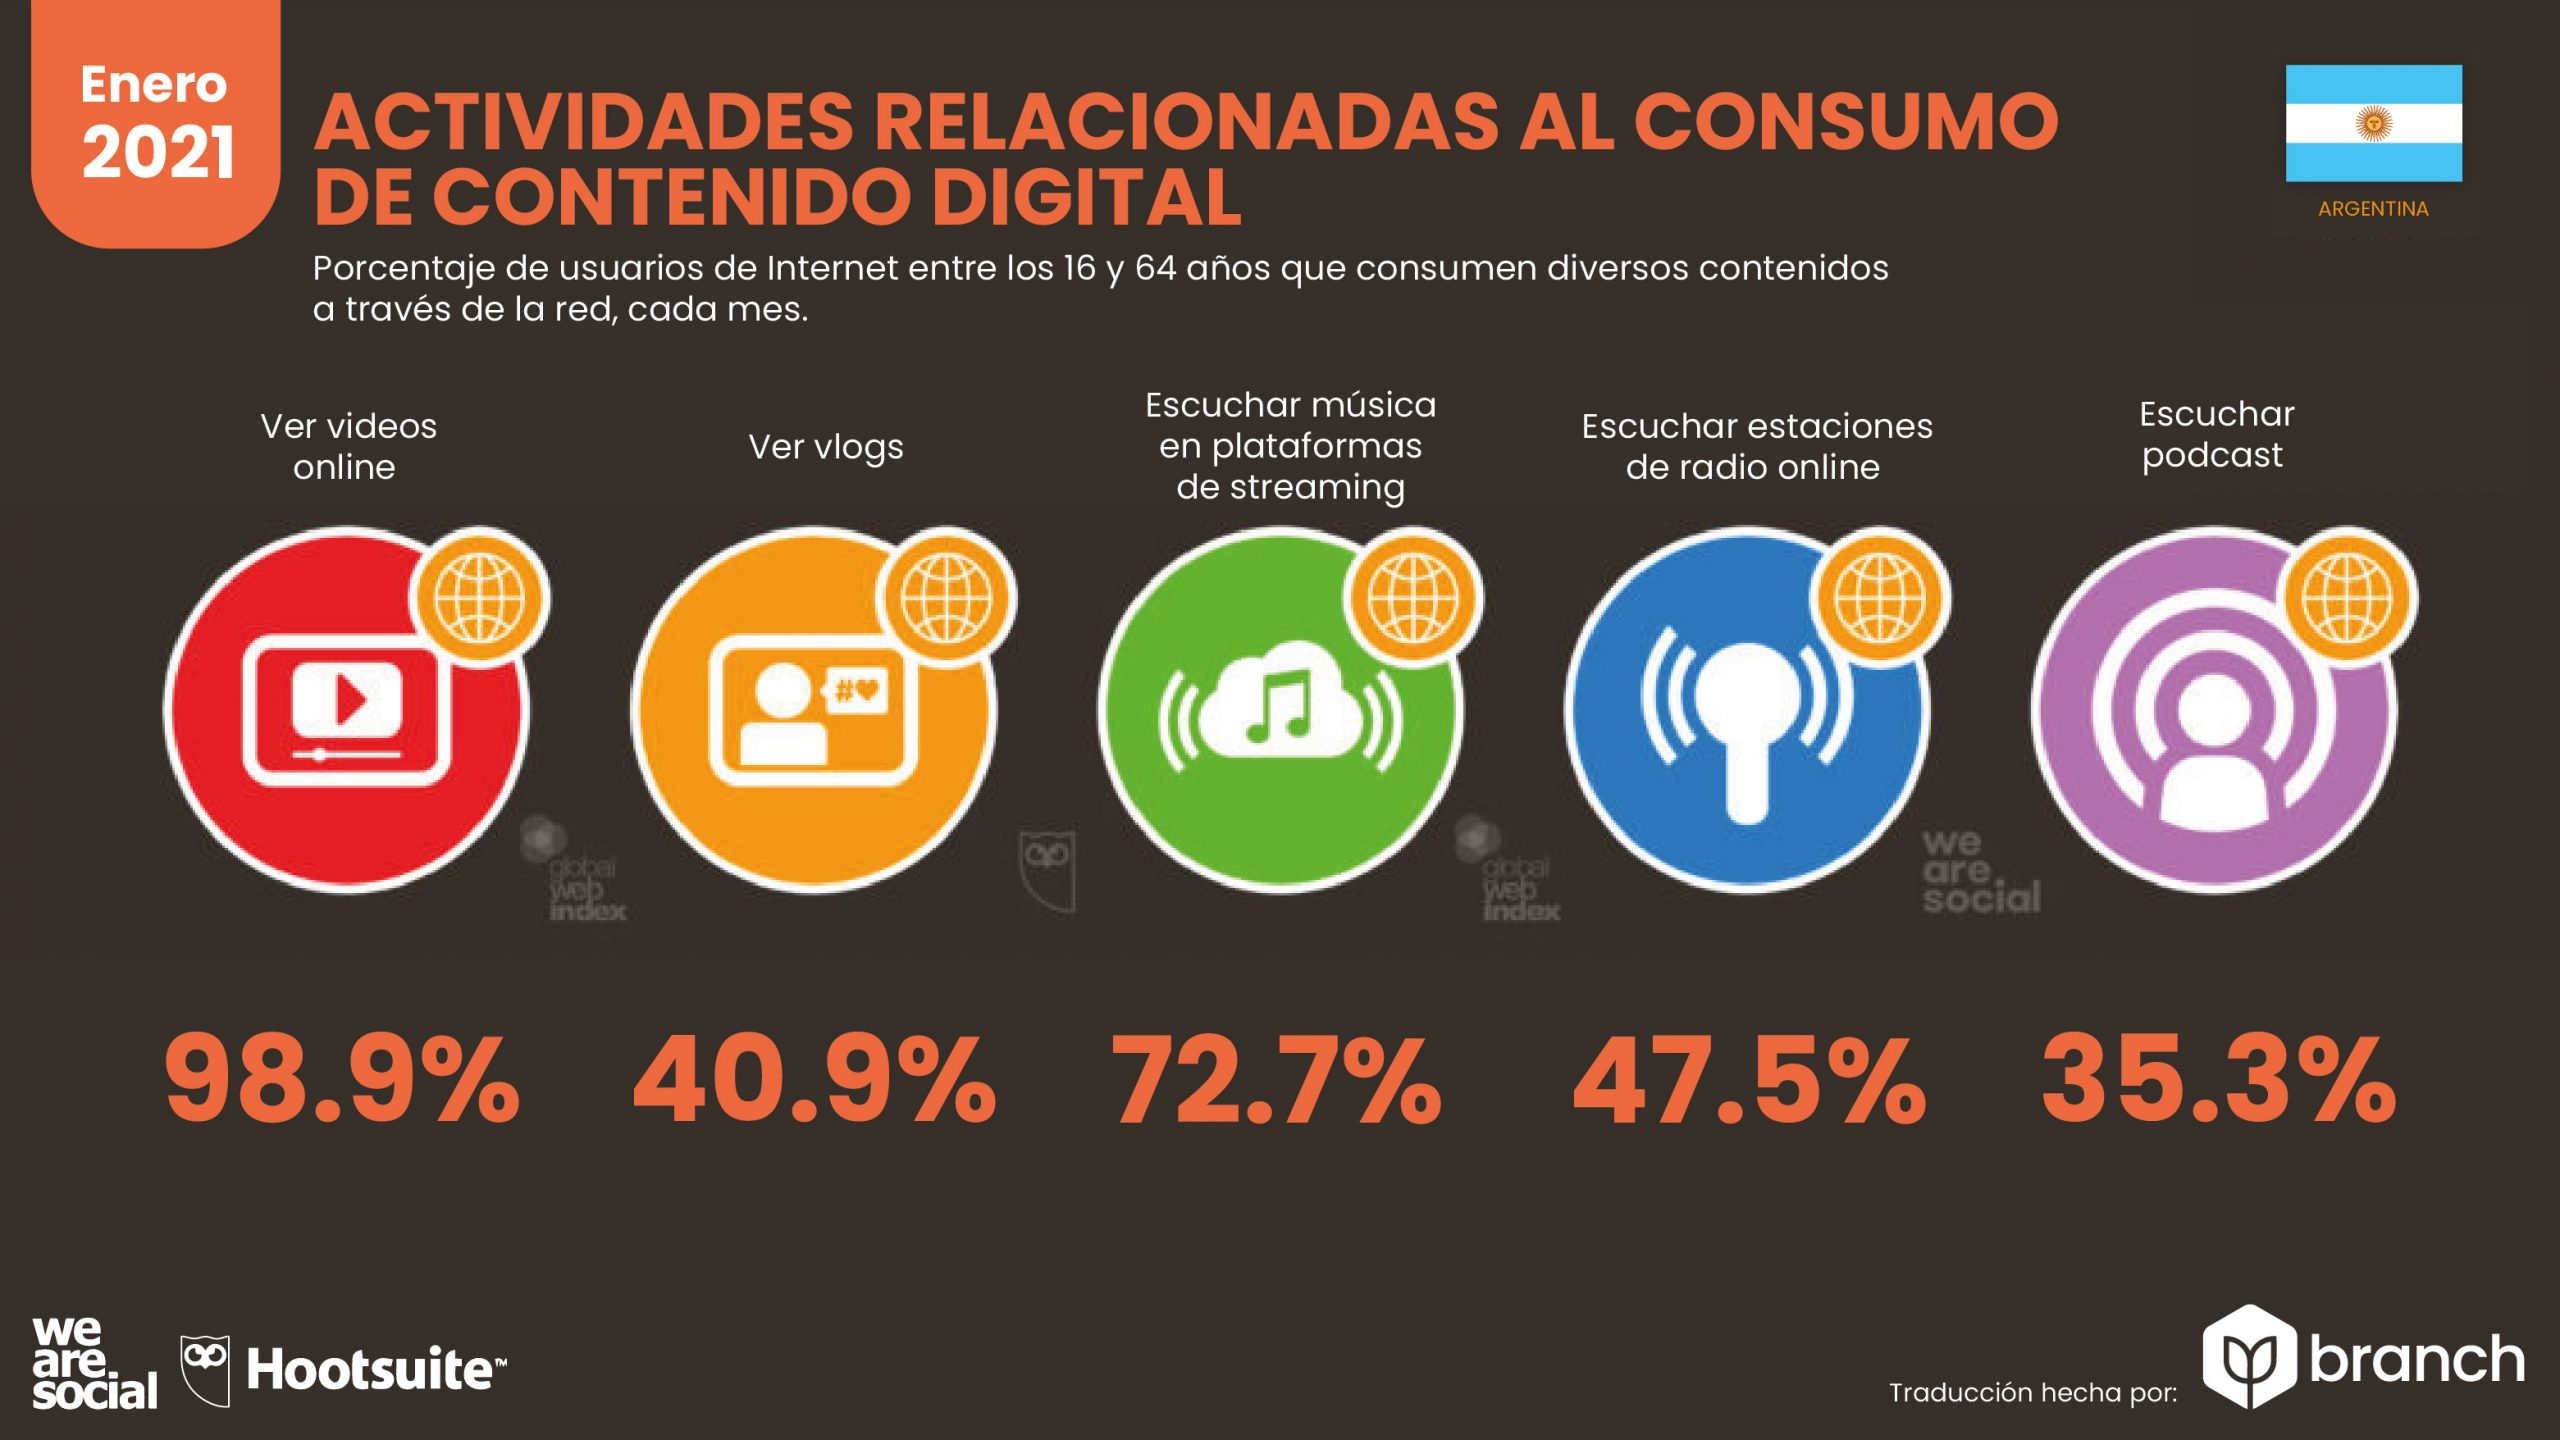 grafico-actividades-relacionadas-al-consumo-de-contenido-digital-argentina-2020-2021